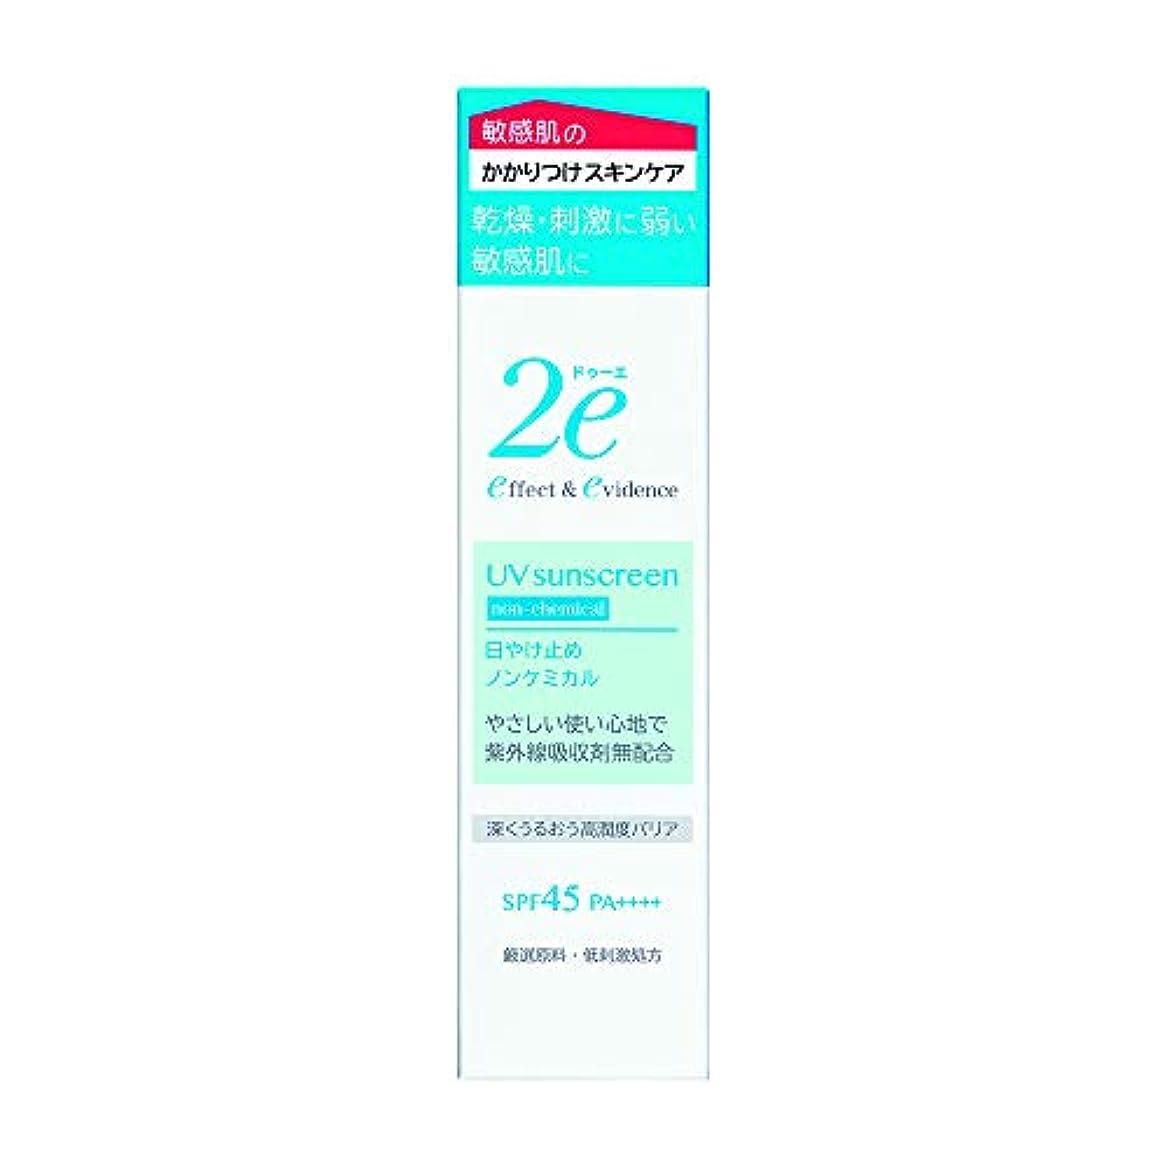 ビームロゴベアリング2e(ドゥーエ) 日やけ止め ノンケミカル 敏感肌用 低刺激処方 深くうるおう高潤度バリア 40g SPF40+ PA++++ 日焼け止め